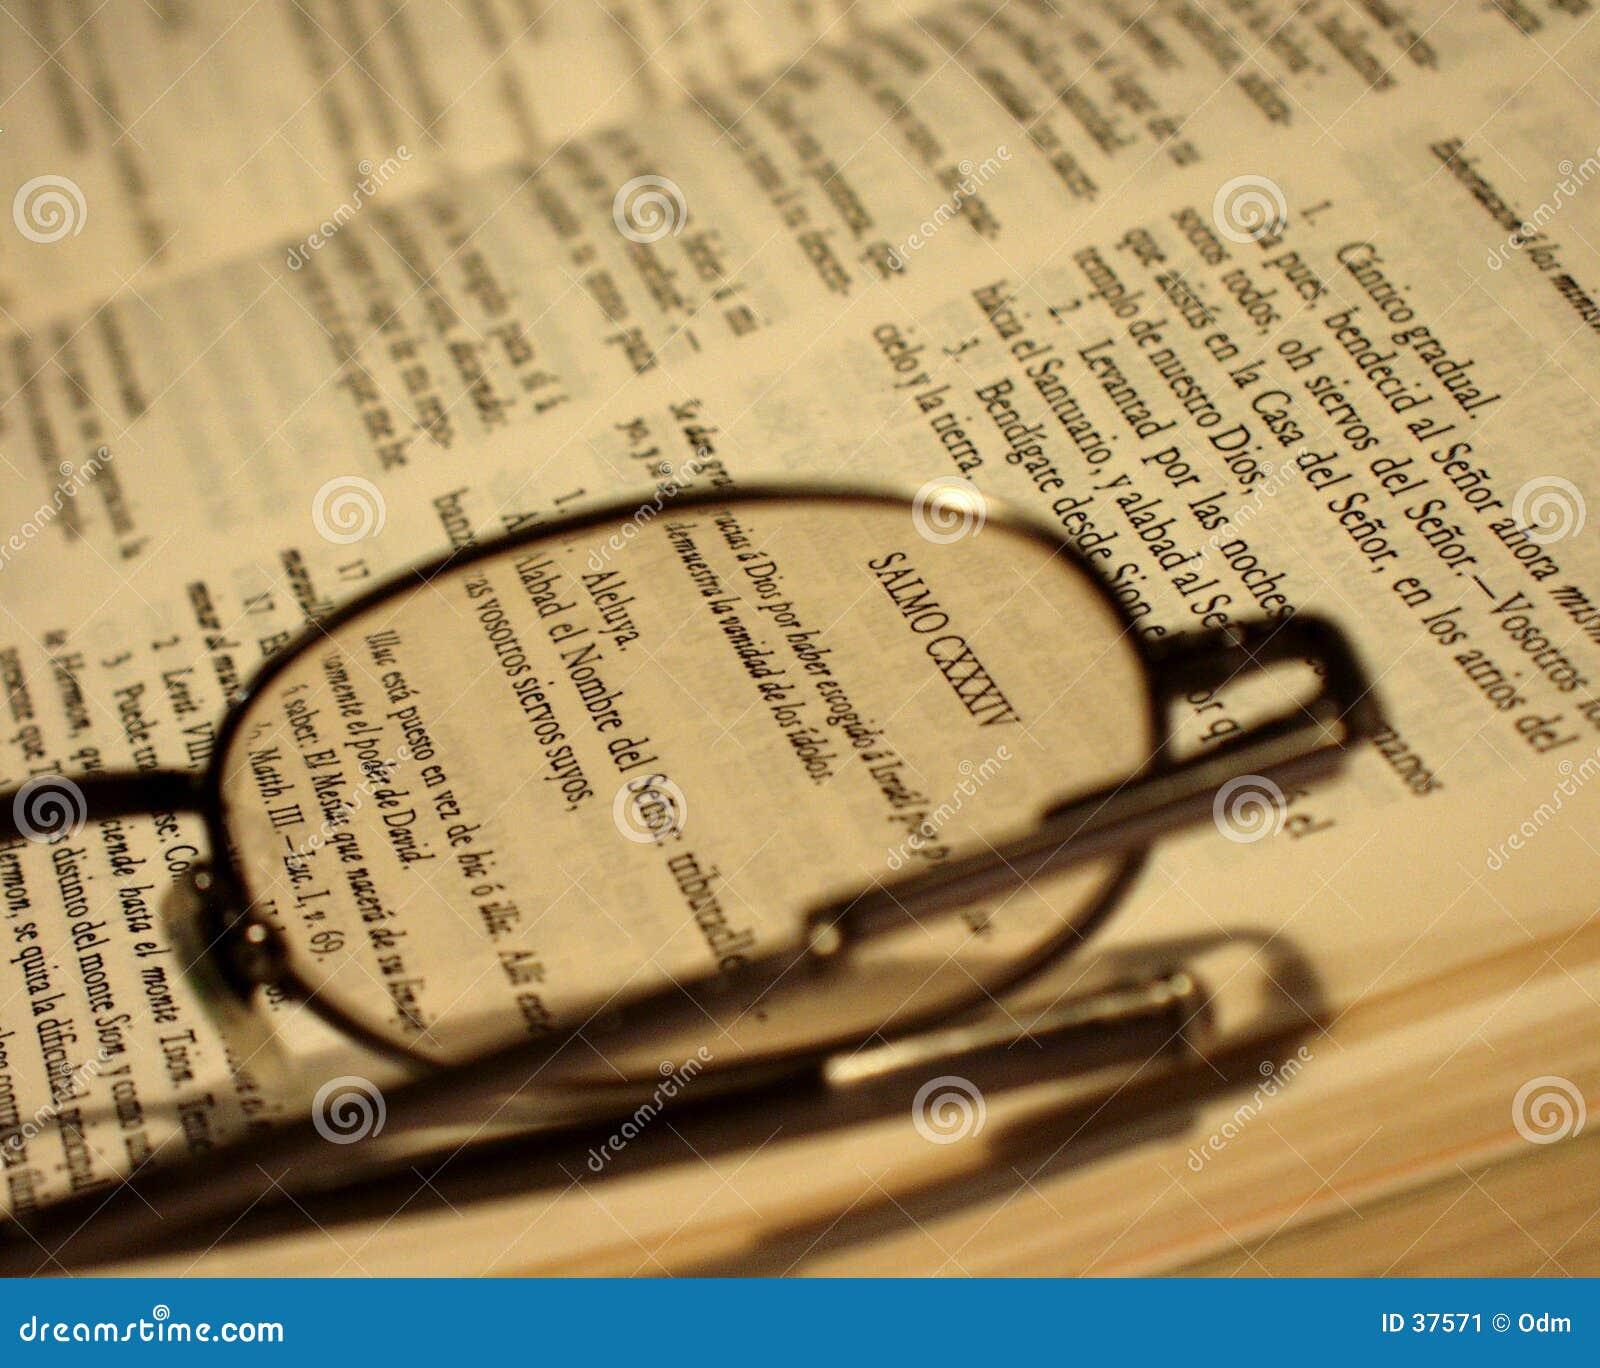 Download Biblia y vidrios imagen de archivo. Imagen de eyeglasses - 37571